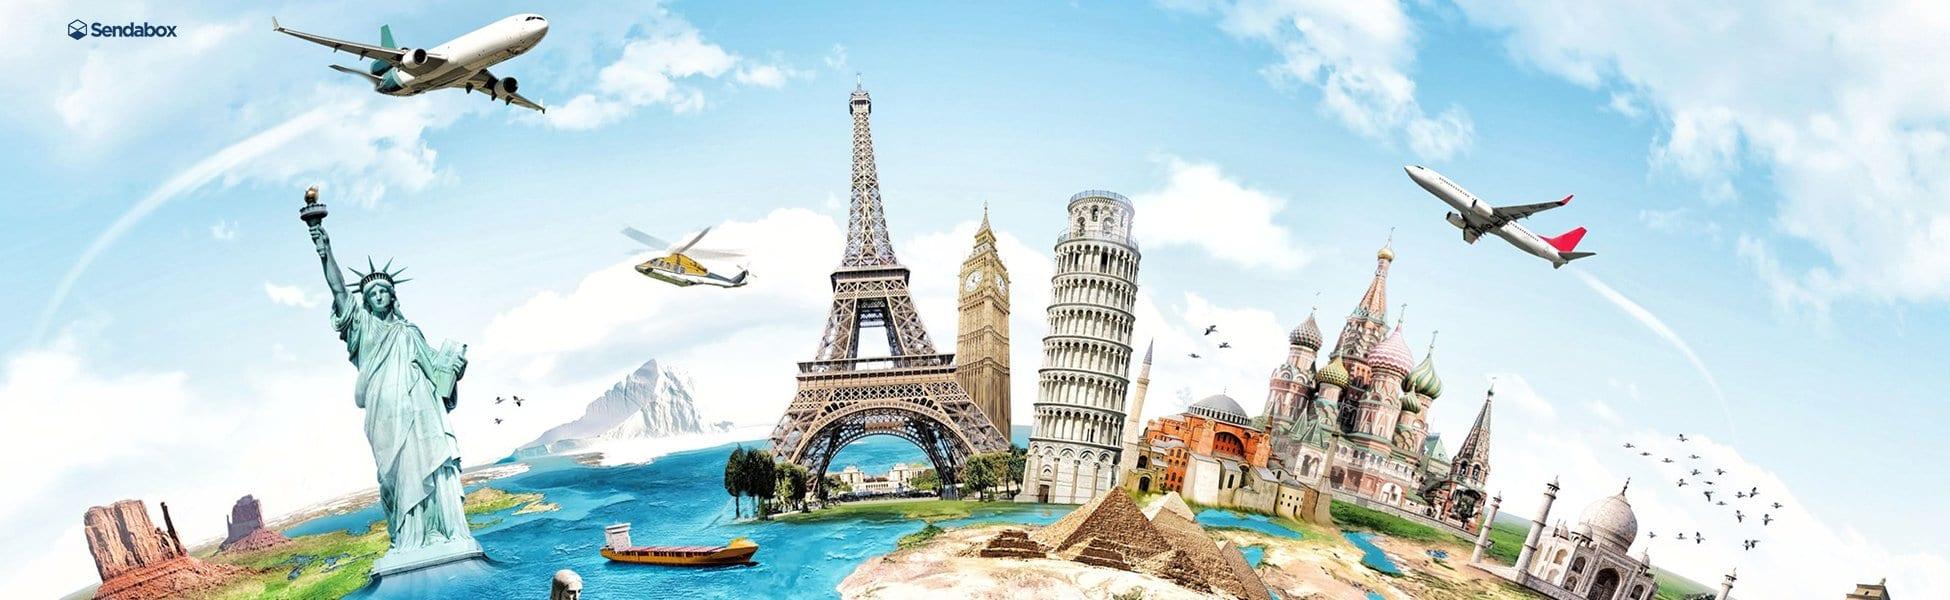 sendabox: spedizione pacchi all'estero